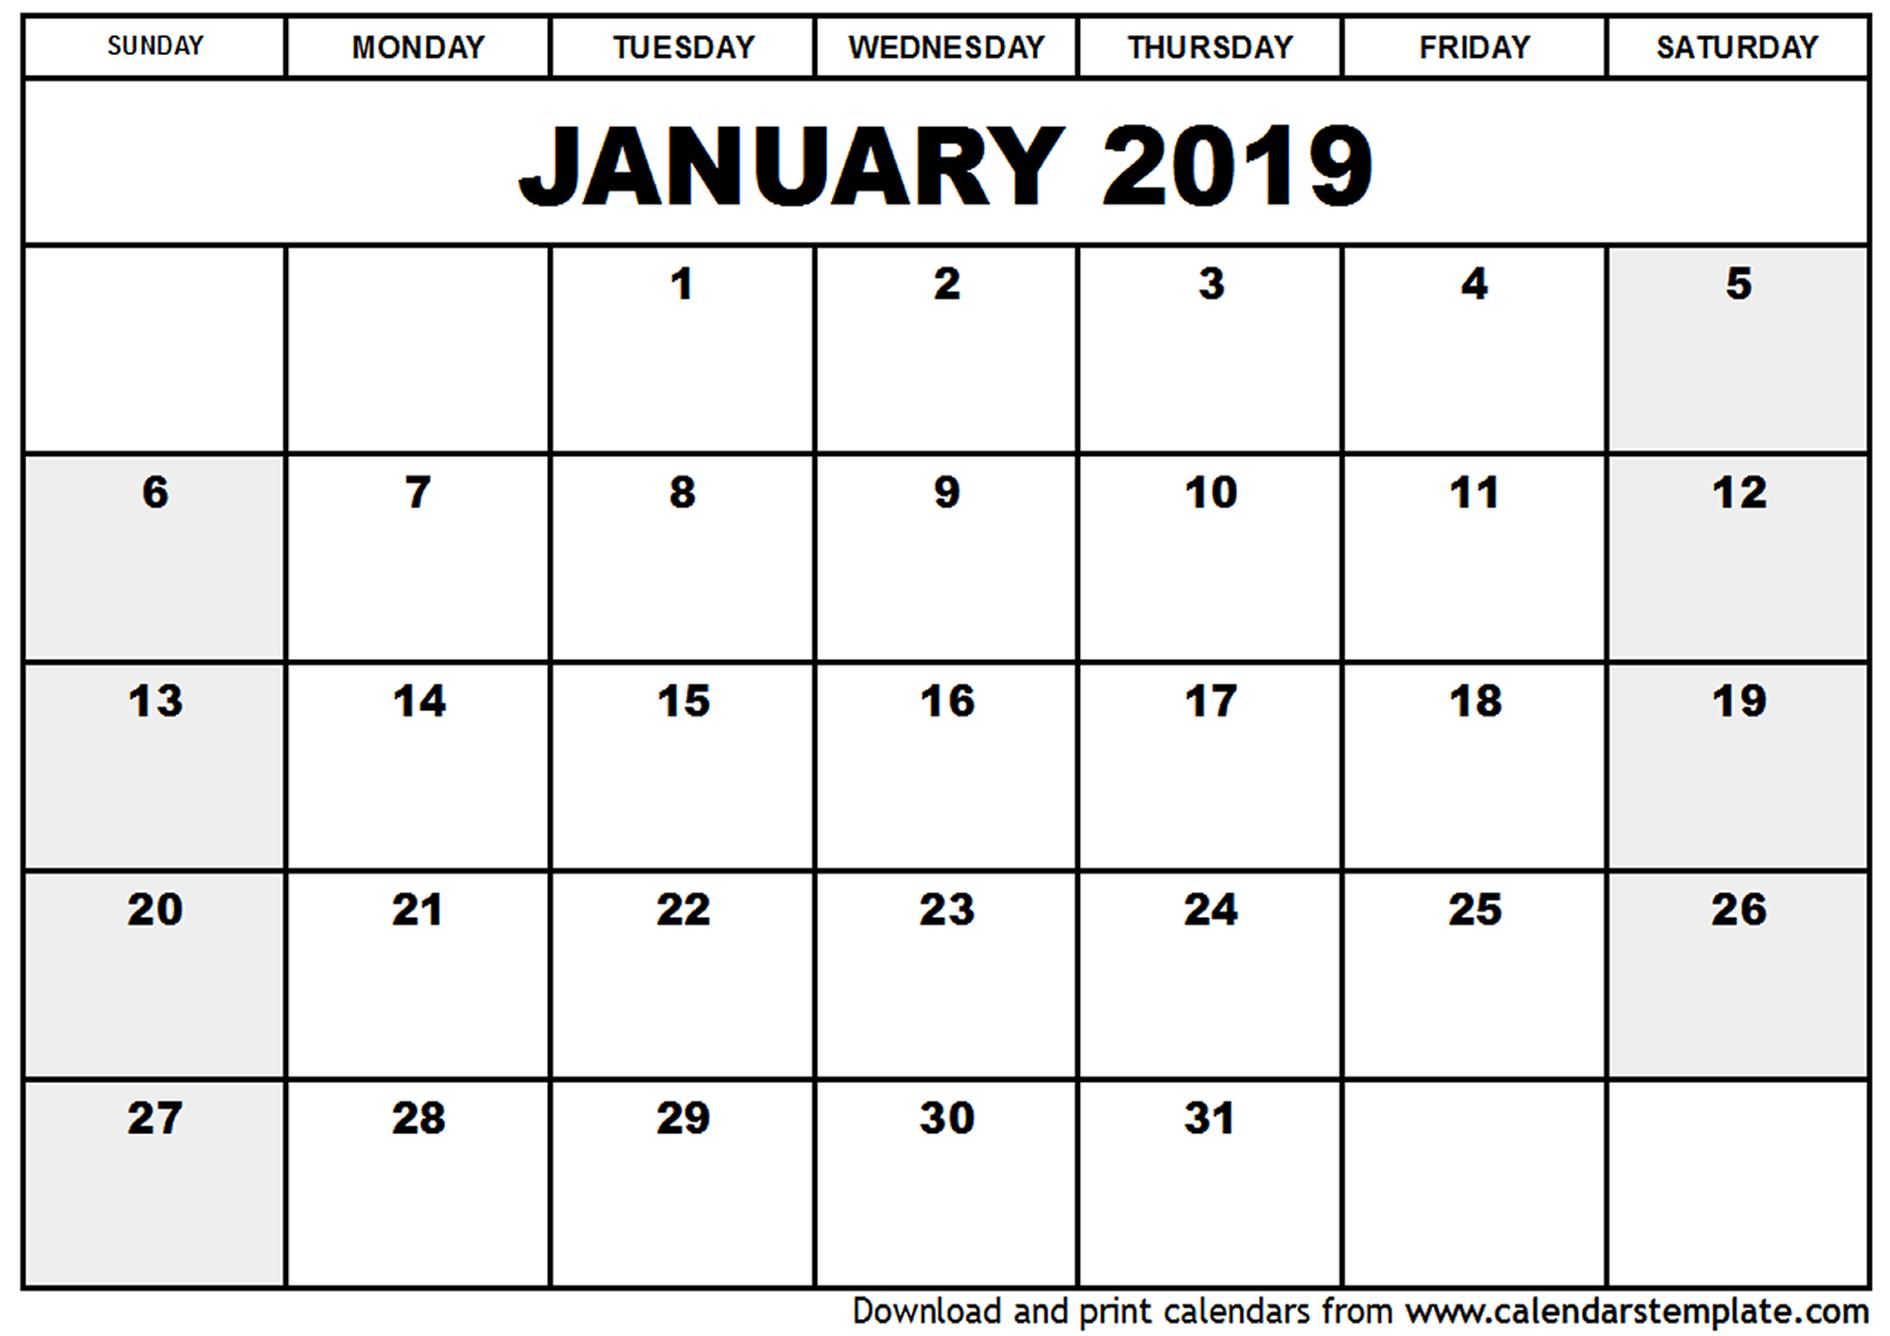 January 2019 Calendar Cute calendar for 2019 1890x1336